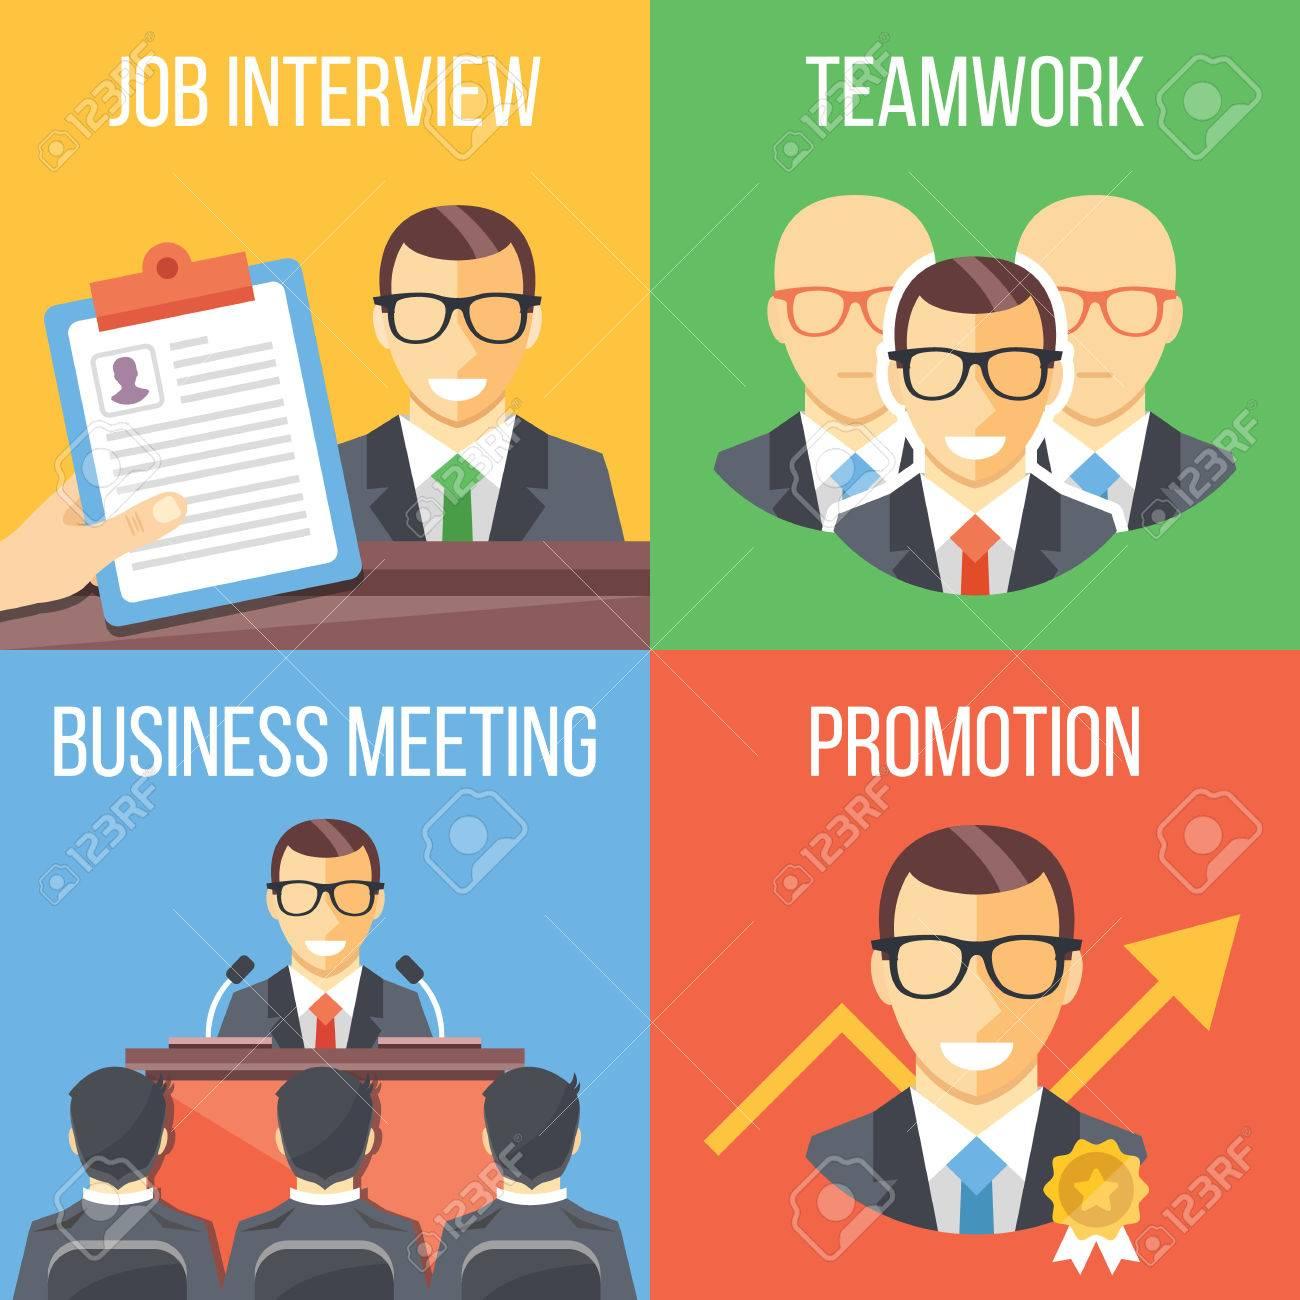 job interview teamwork business meeting promotion concepts job interview teamwork business meeting promotion concepts set of four trendy flat